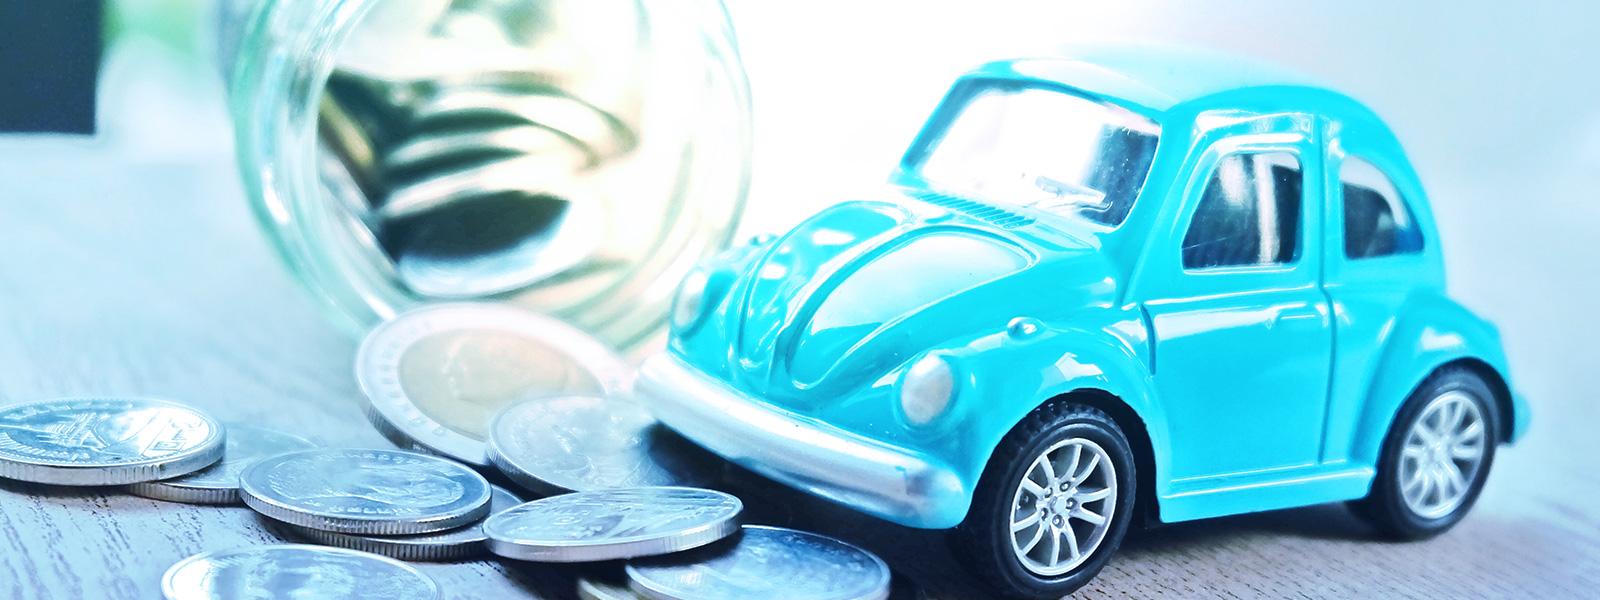 Dicas para reduzir gastos com o carro